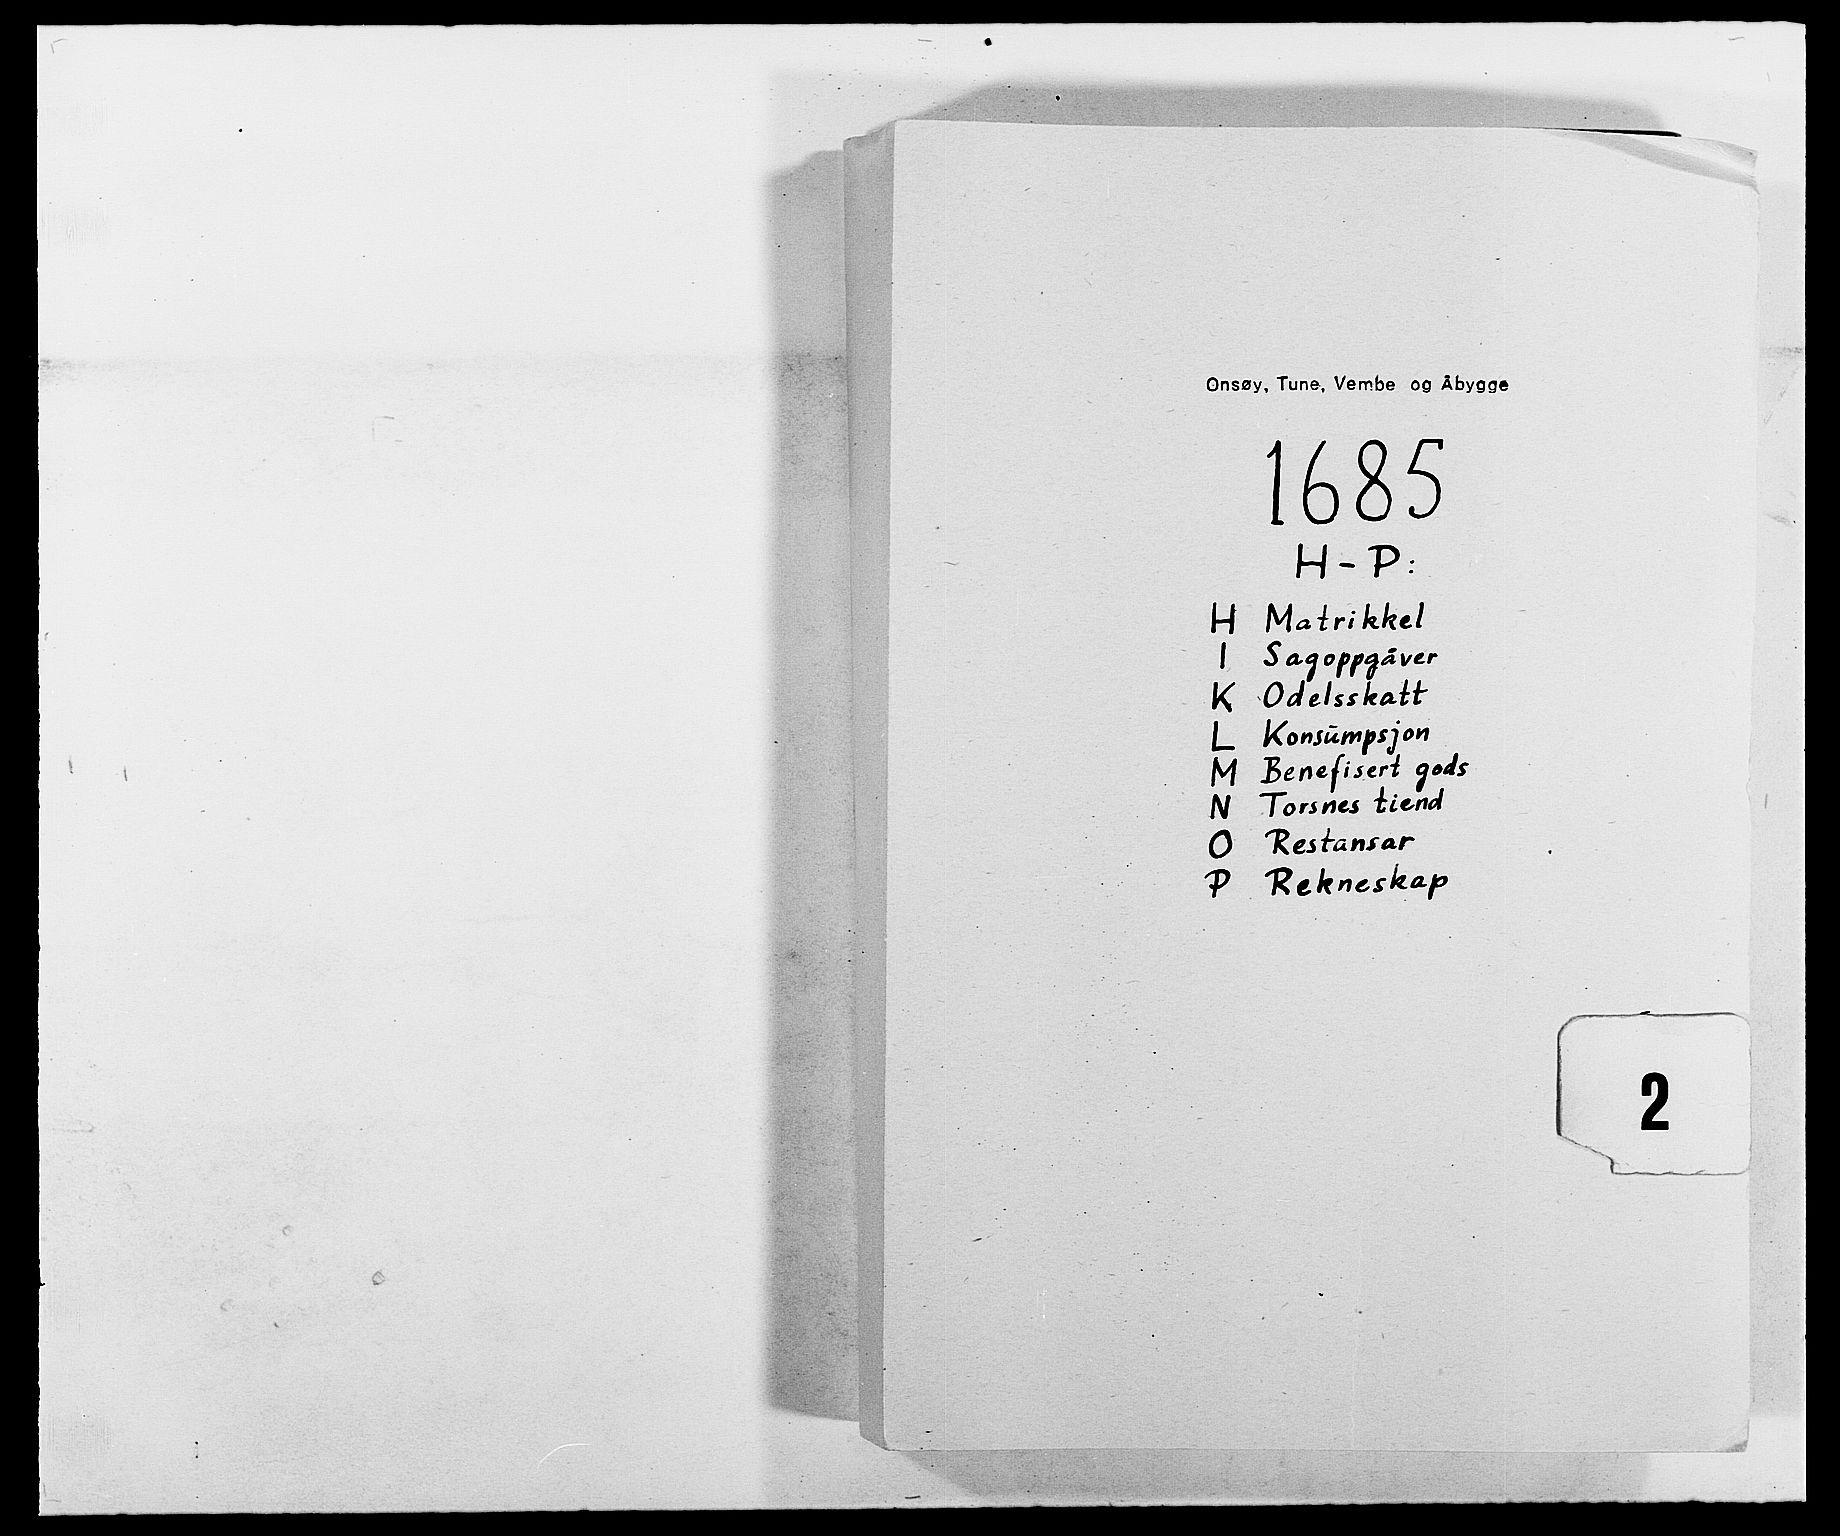 RA, Rentekammeret inntil 1814, Reviderte regnskaper, Fogderegnskap, R03/L0116: Fogderegnskap Onsøy, Tune, Veme og Åbygge fogderi, 1684-1689, p. 1